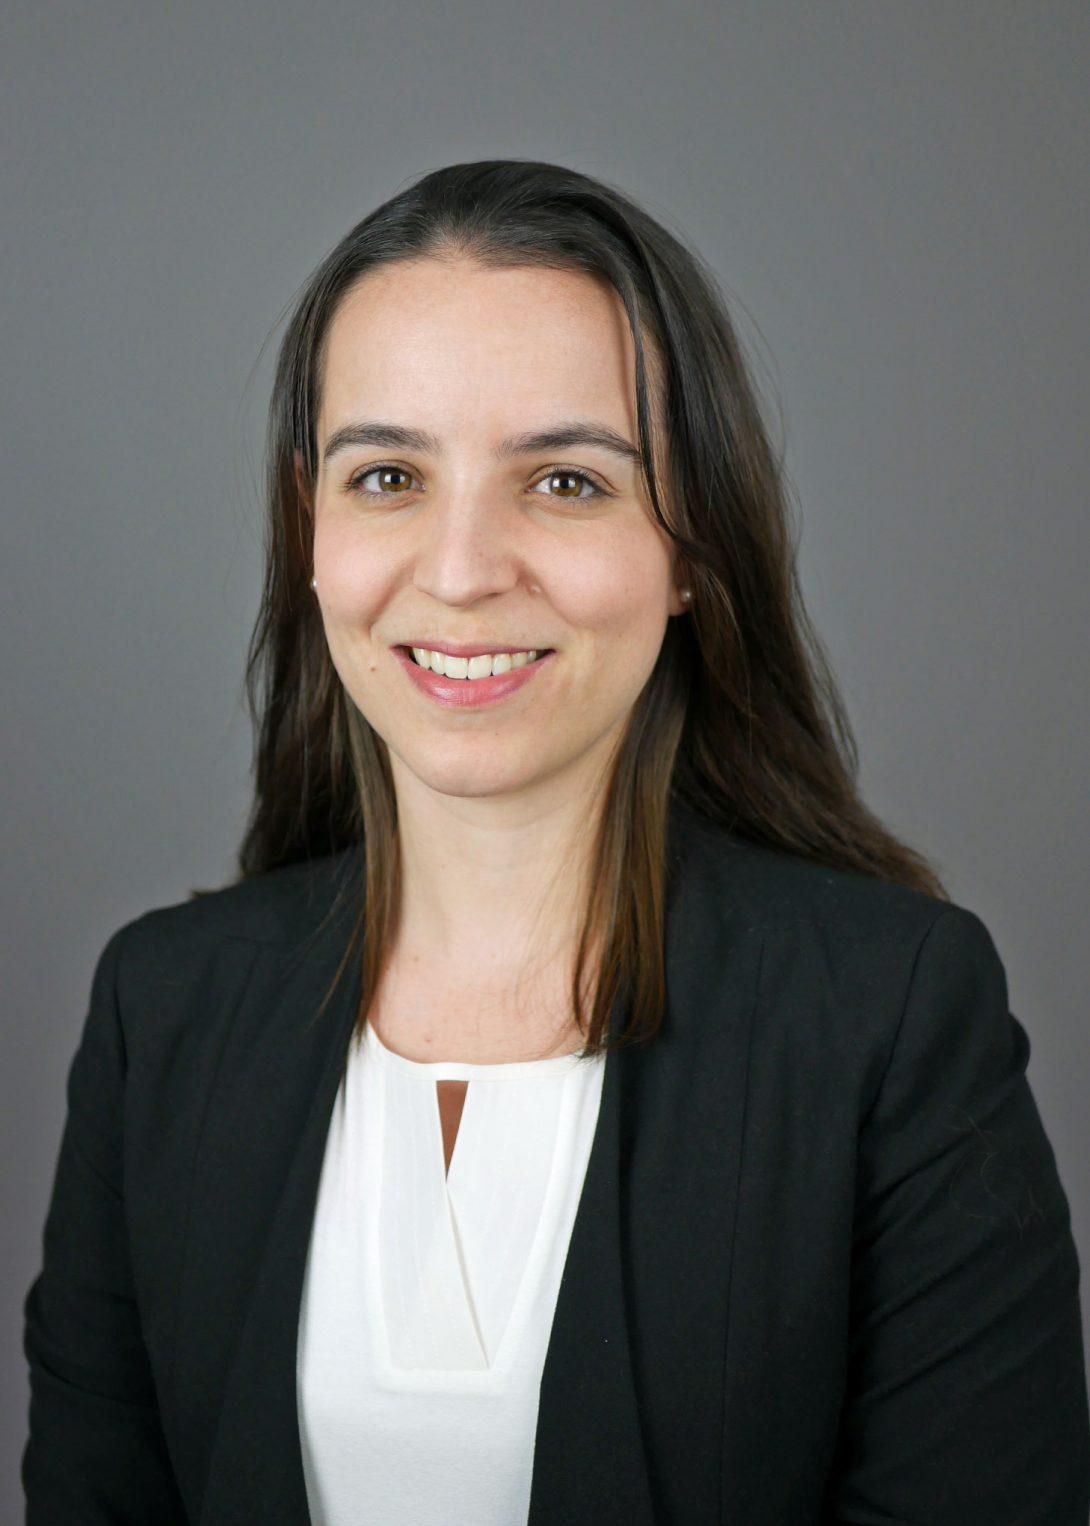 Alexandra Rodriguez smiling to camera